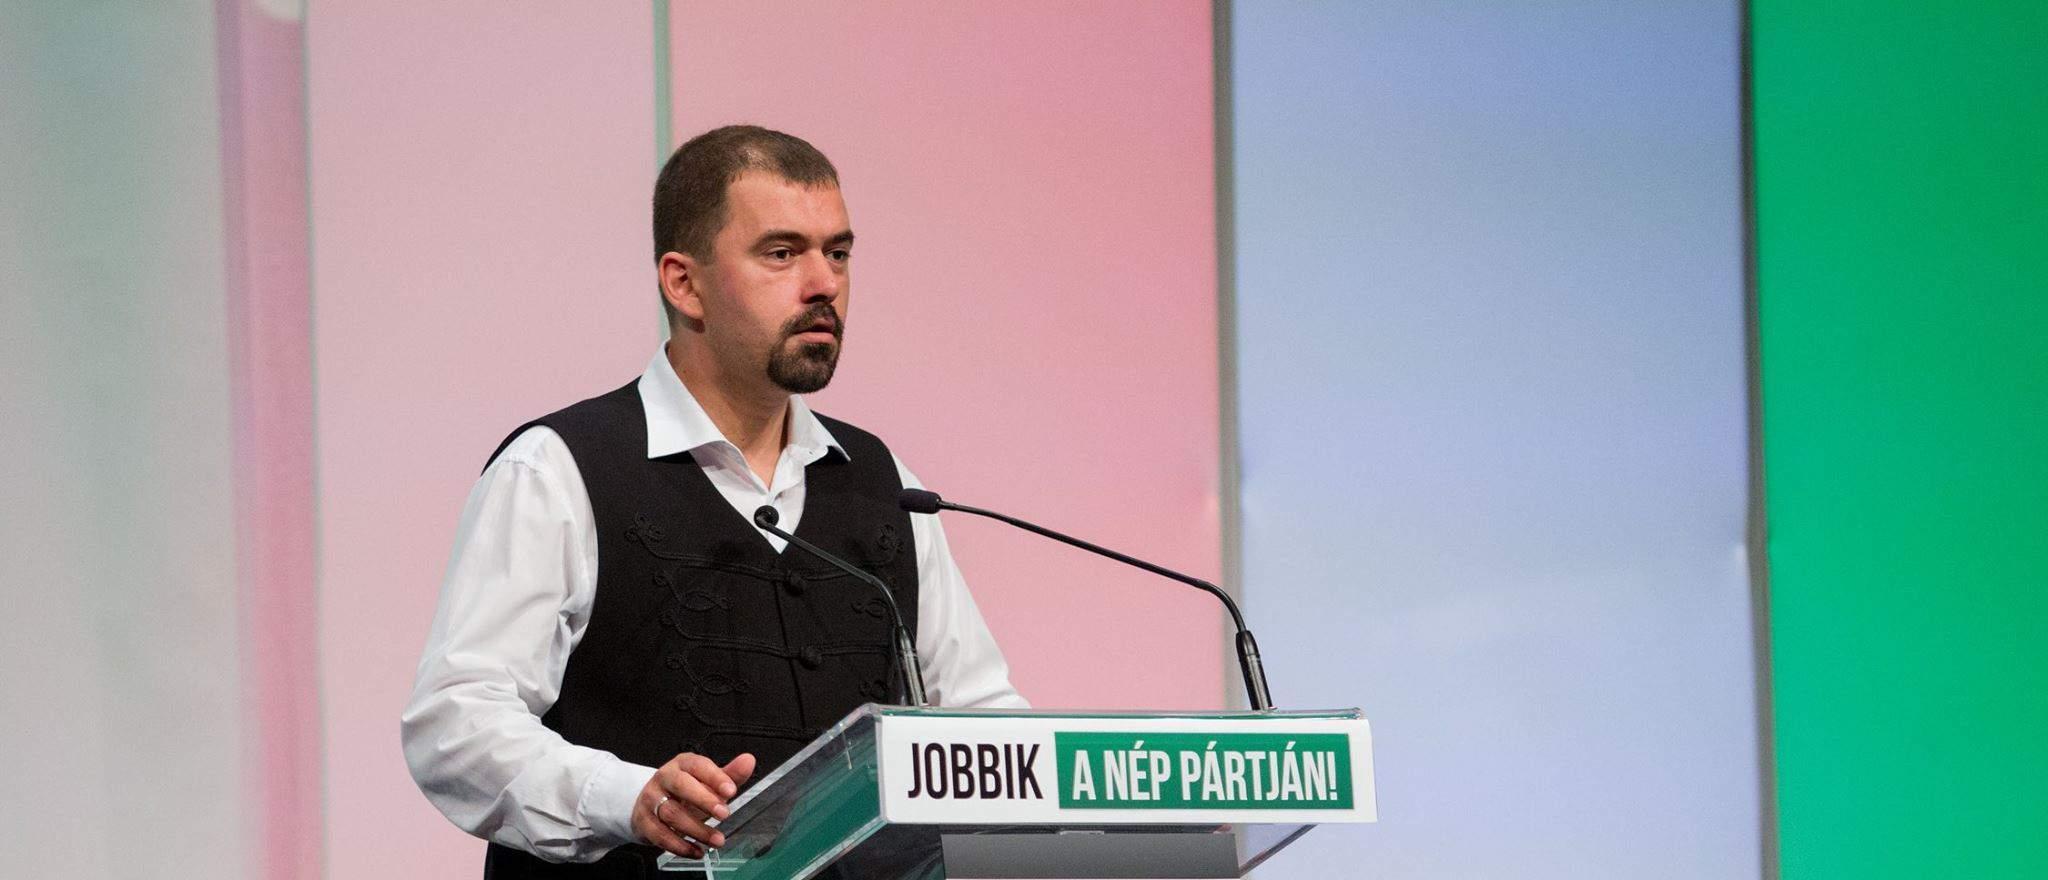 István Szávay MEP JOBBIK